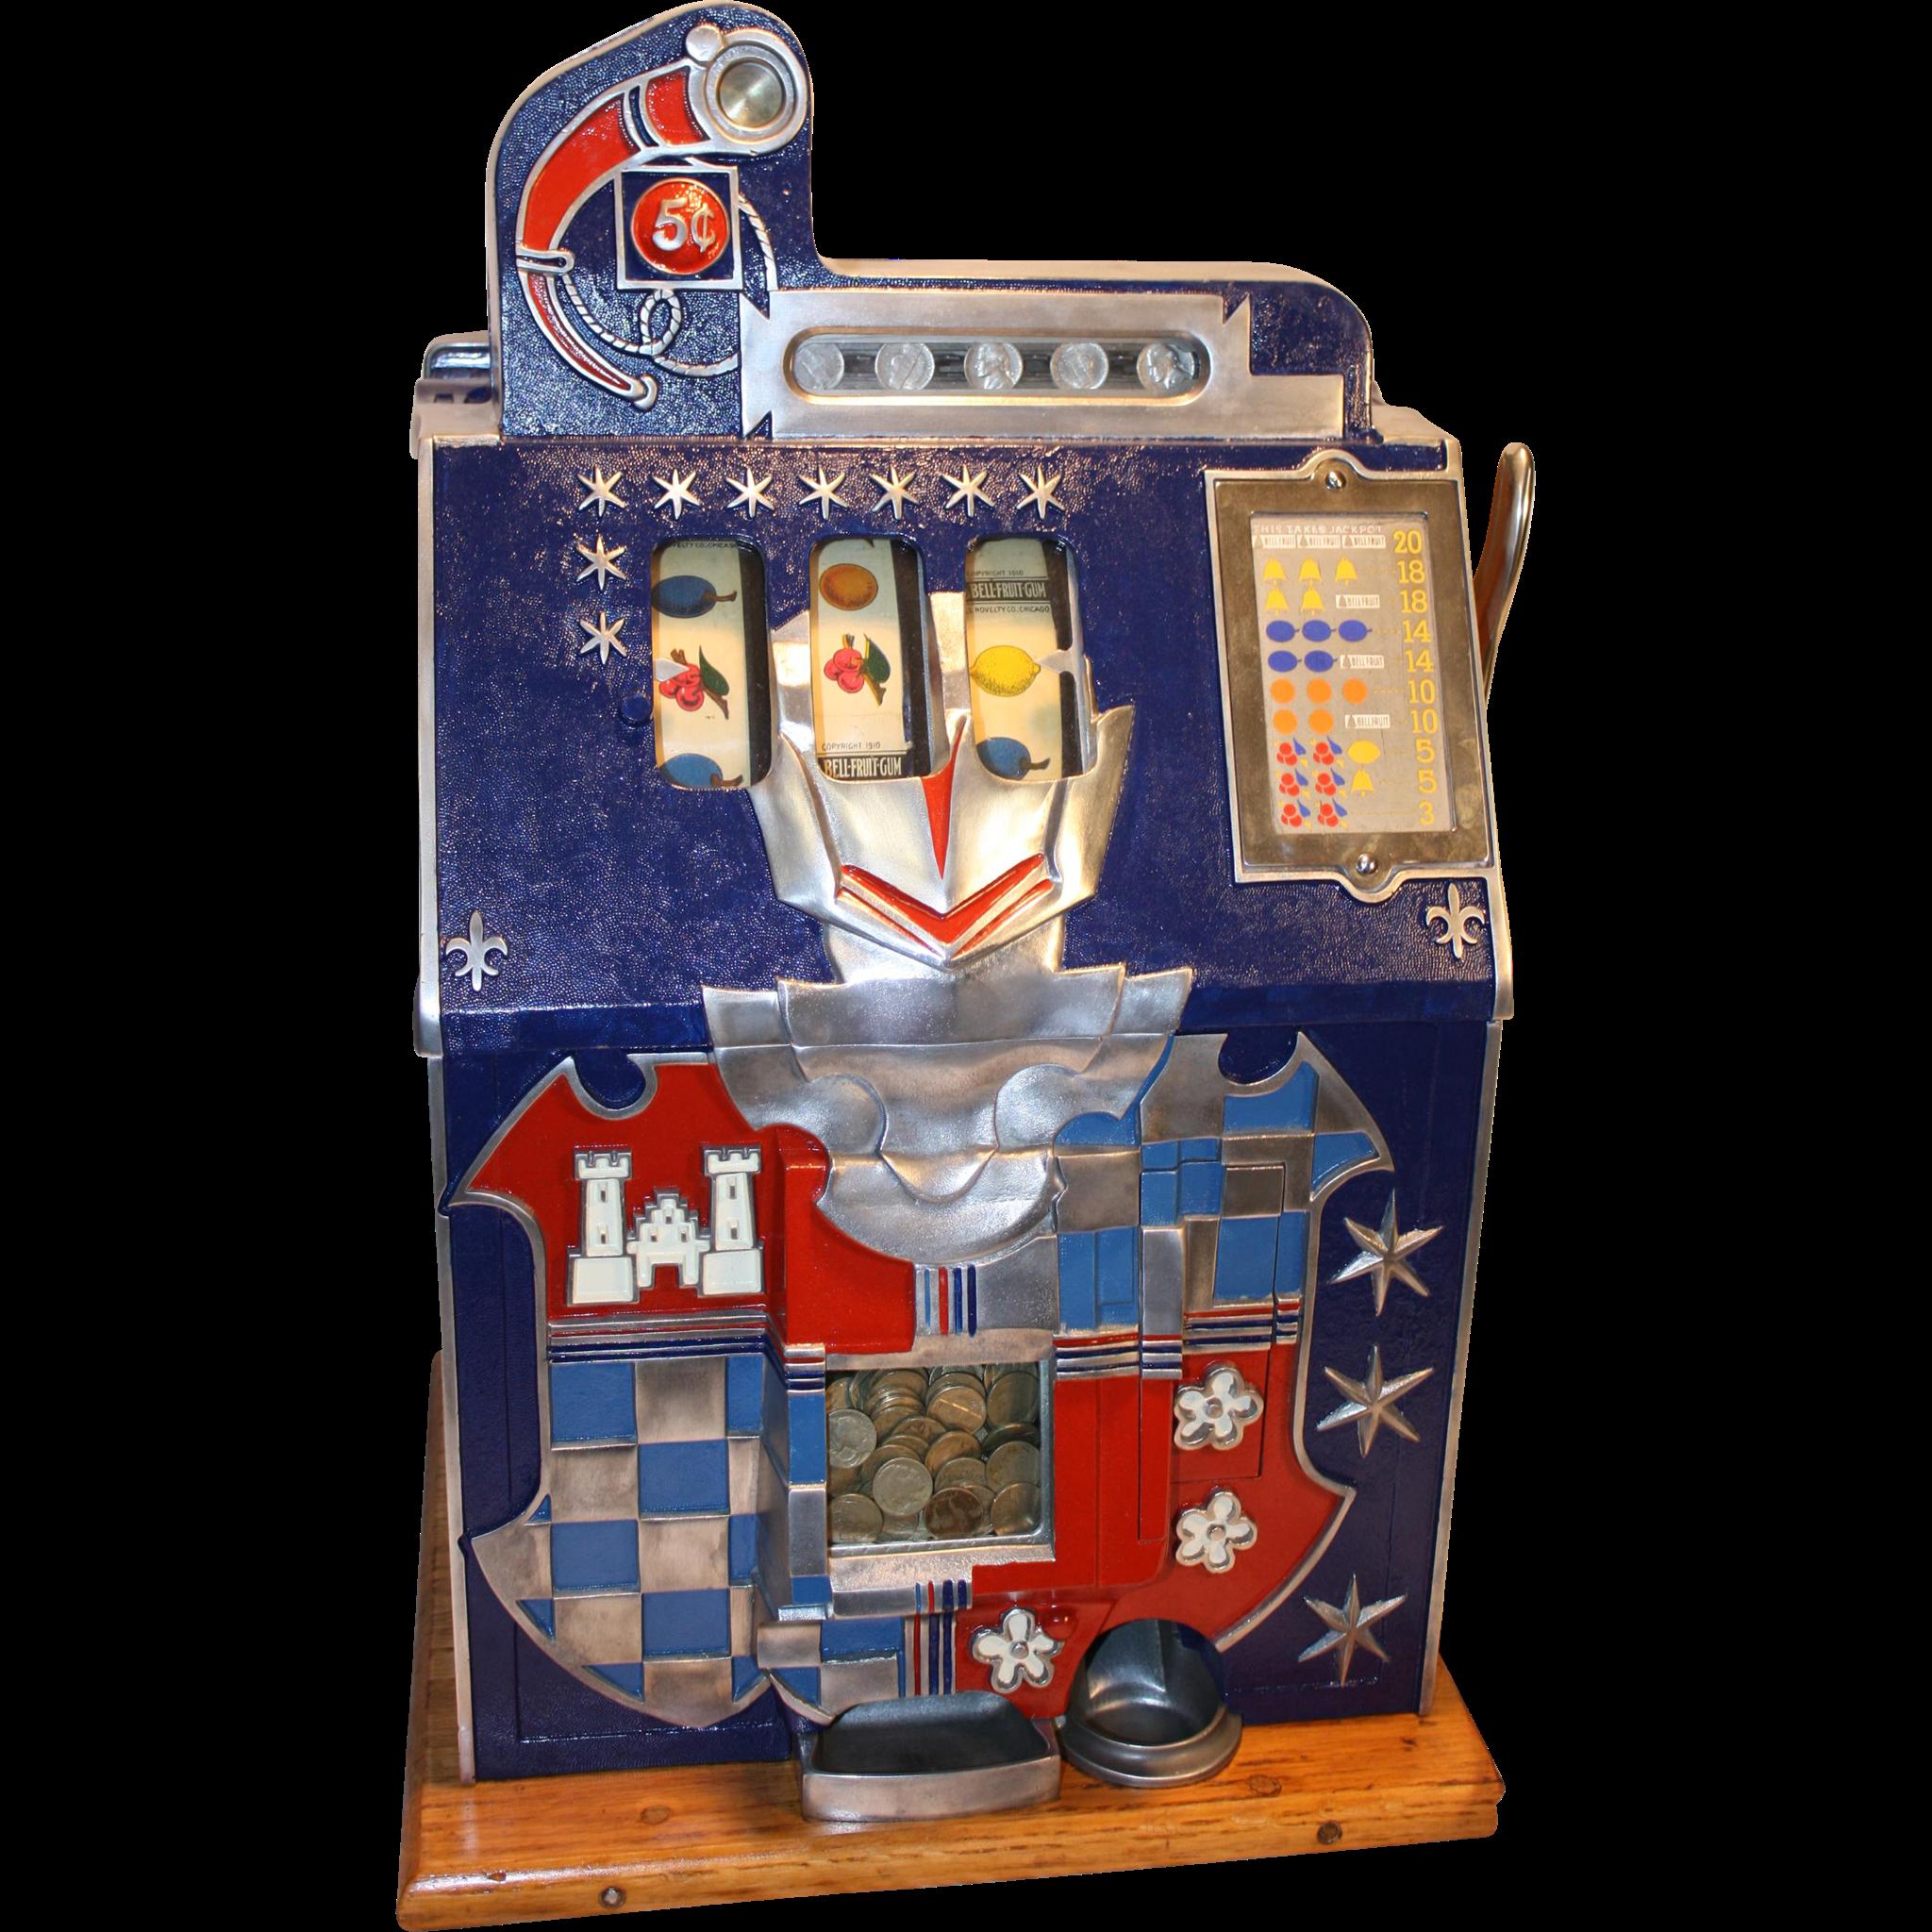 Mills  5¢  Castle Front Slot Machine  Excellent  1930's